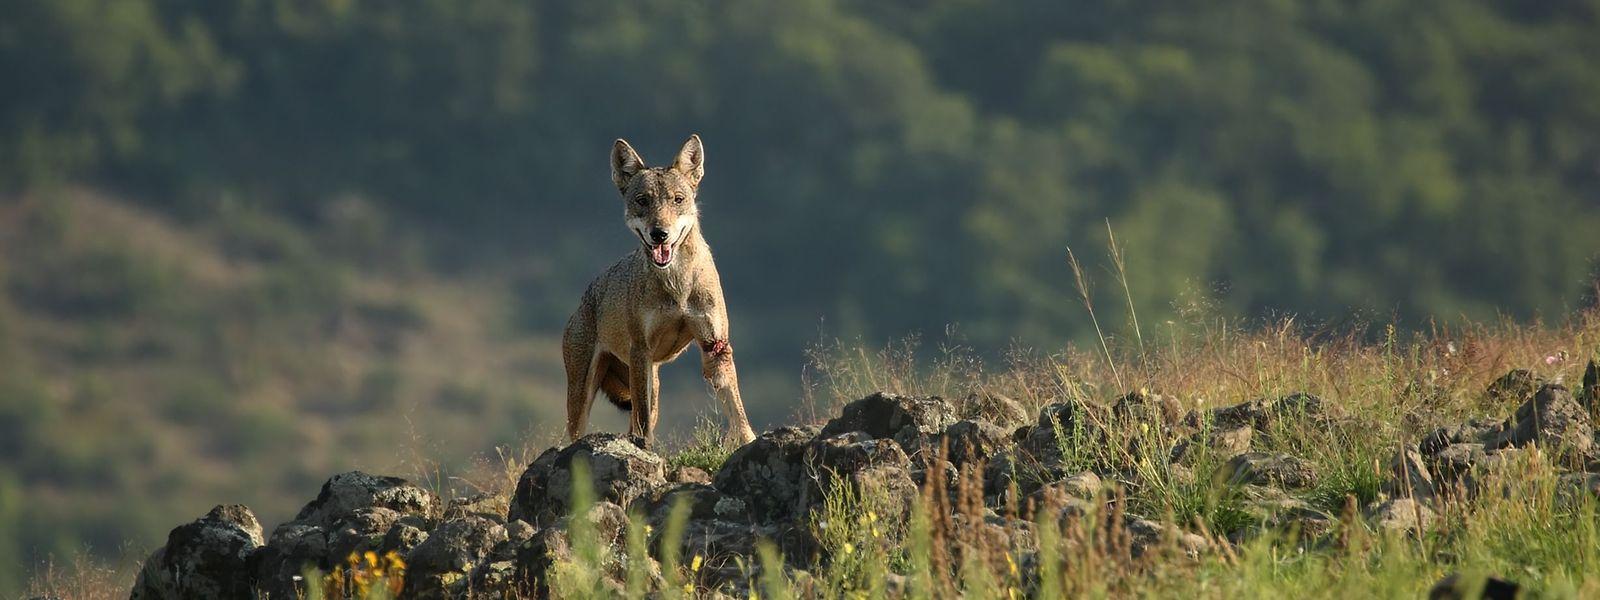 Der Europäische Wolf (lat. Canis lupus lupus) wird möglicherweise in den kommenden Jahren auch in Luxemburg wieder heimisch. Das Tier ernährt sich überwiegend von Rotwild, Hasen oder Wildschweinfrischlingen und hilft so bei einer natürlichen Regulierung der Arten.